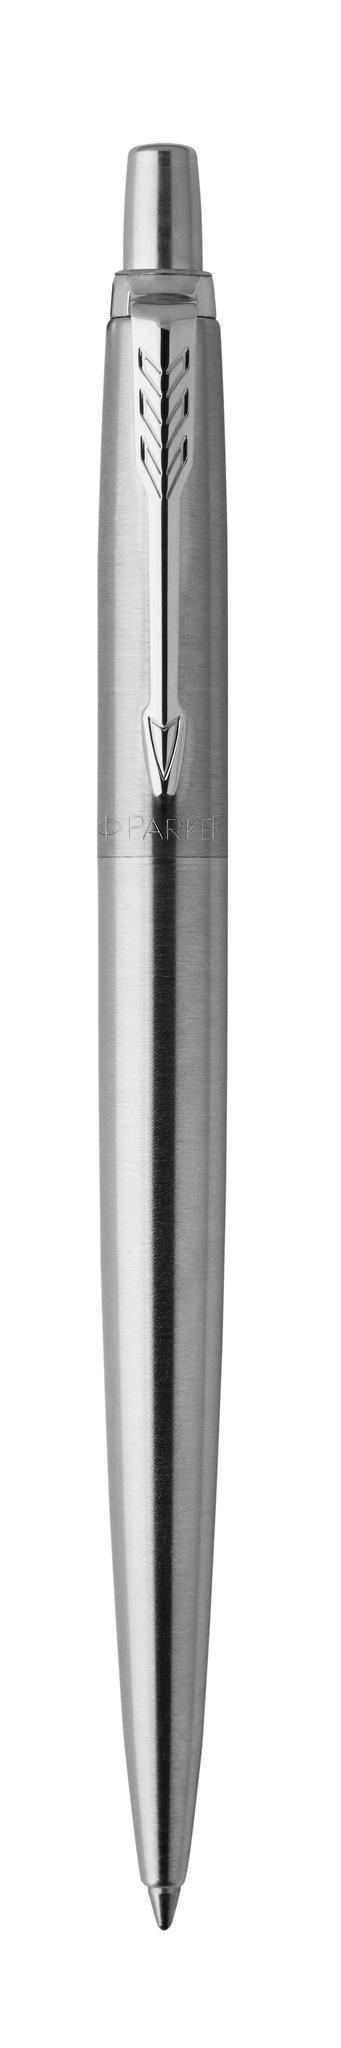 Шариковая ручка «Parker Jotter Essential». Цвет серебро